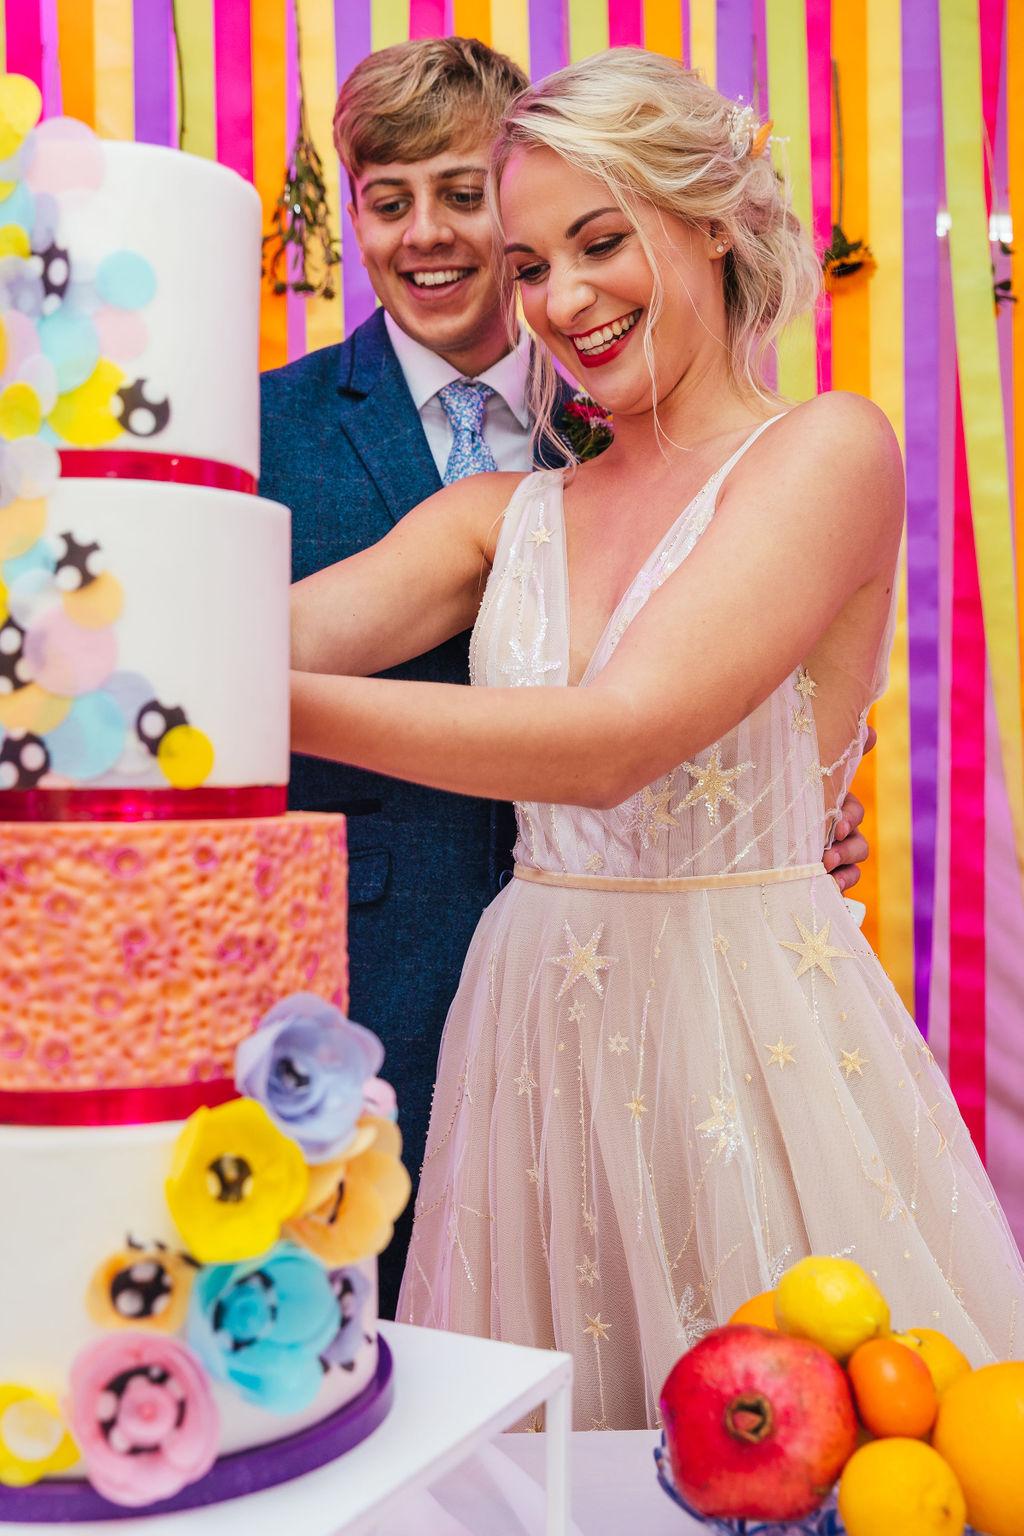 bright festival wedding - colourful wedding - colourful wedding cake - colourful wedding backdrop - unconventional wedding